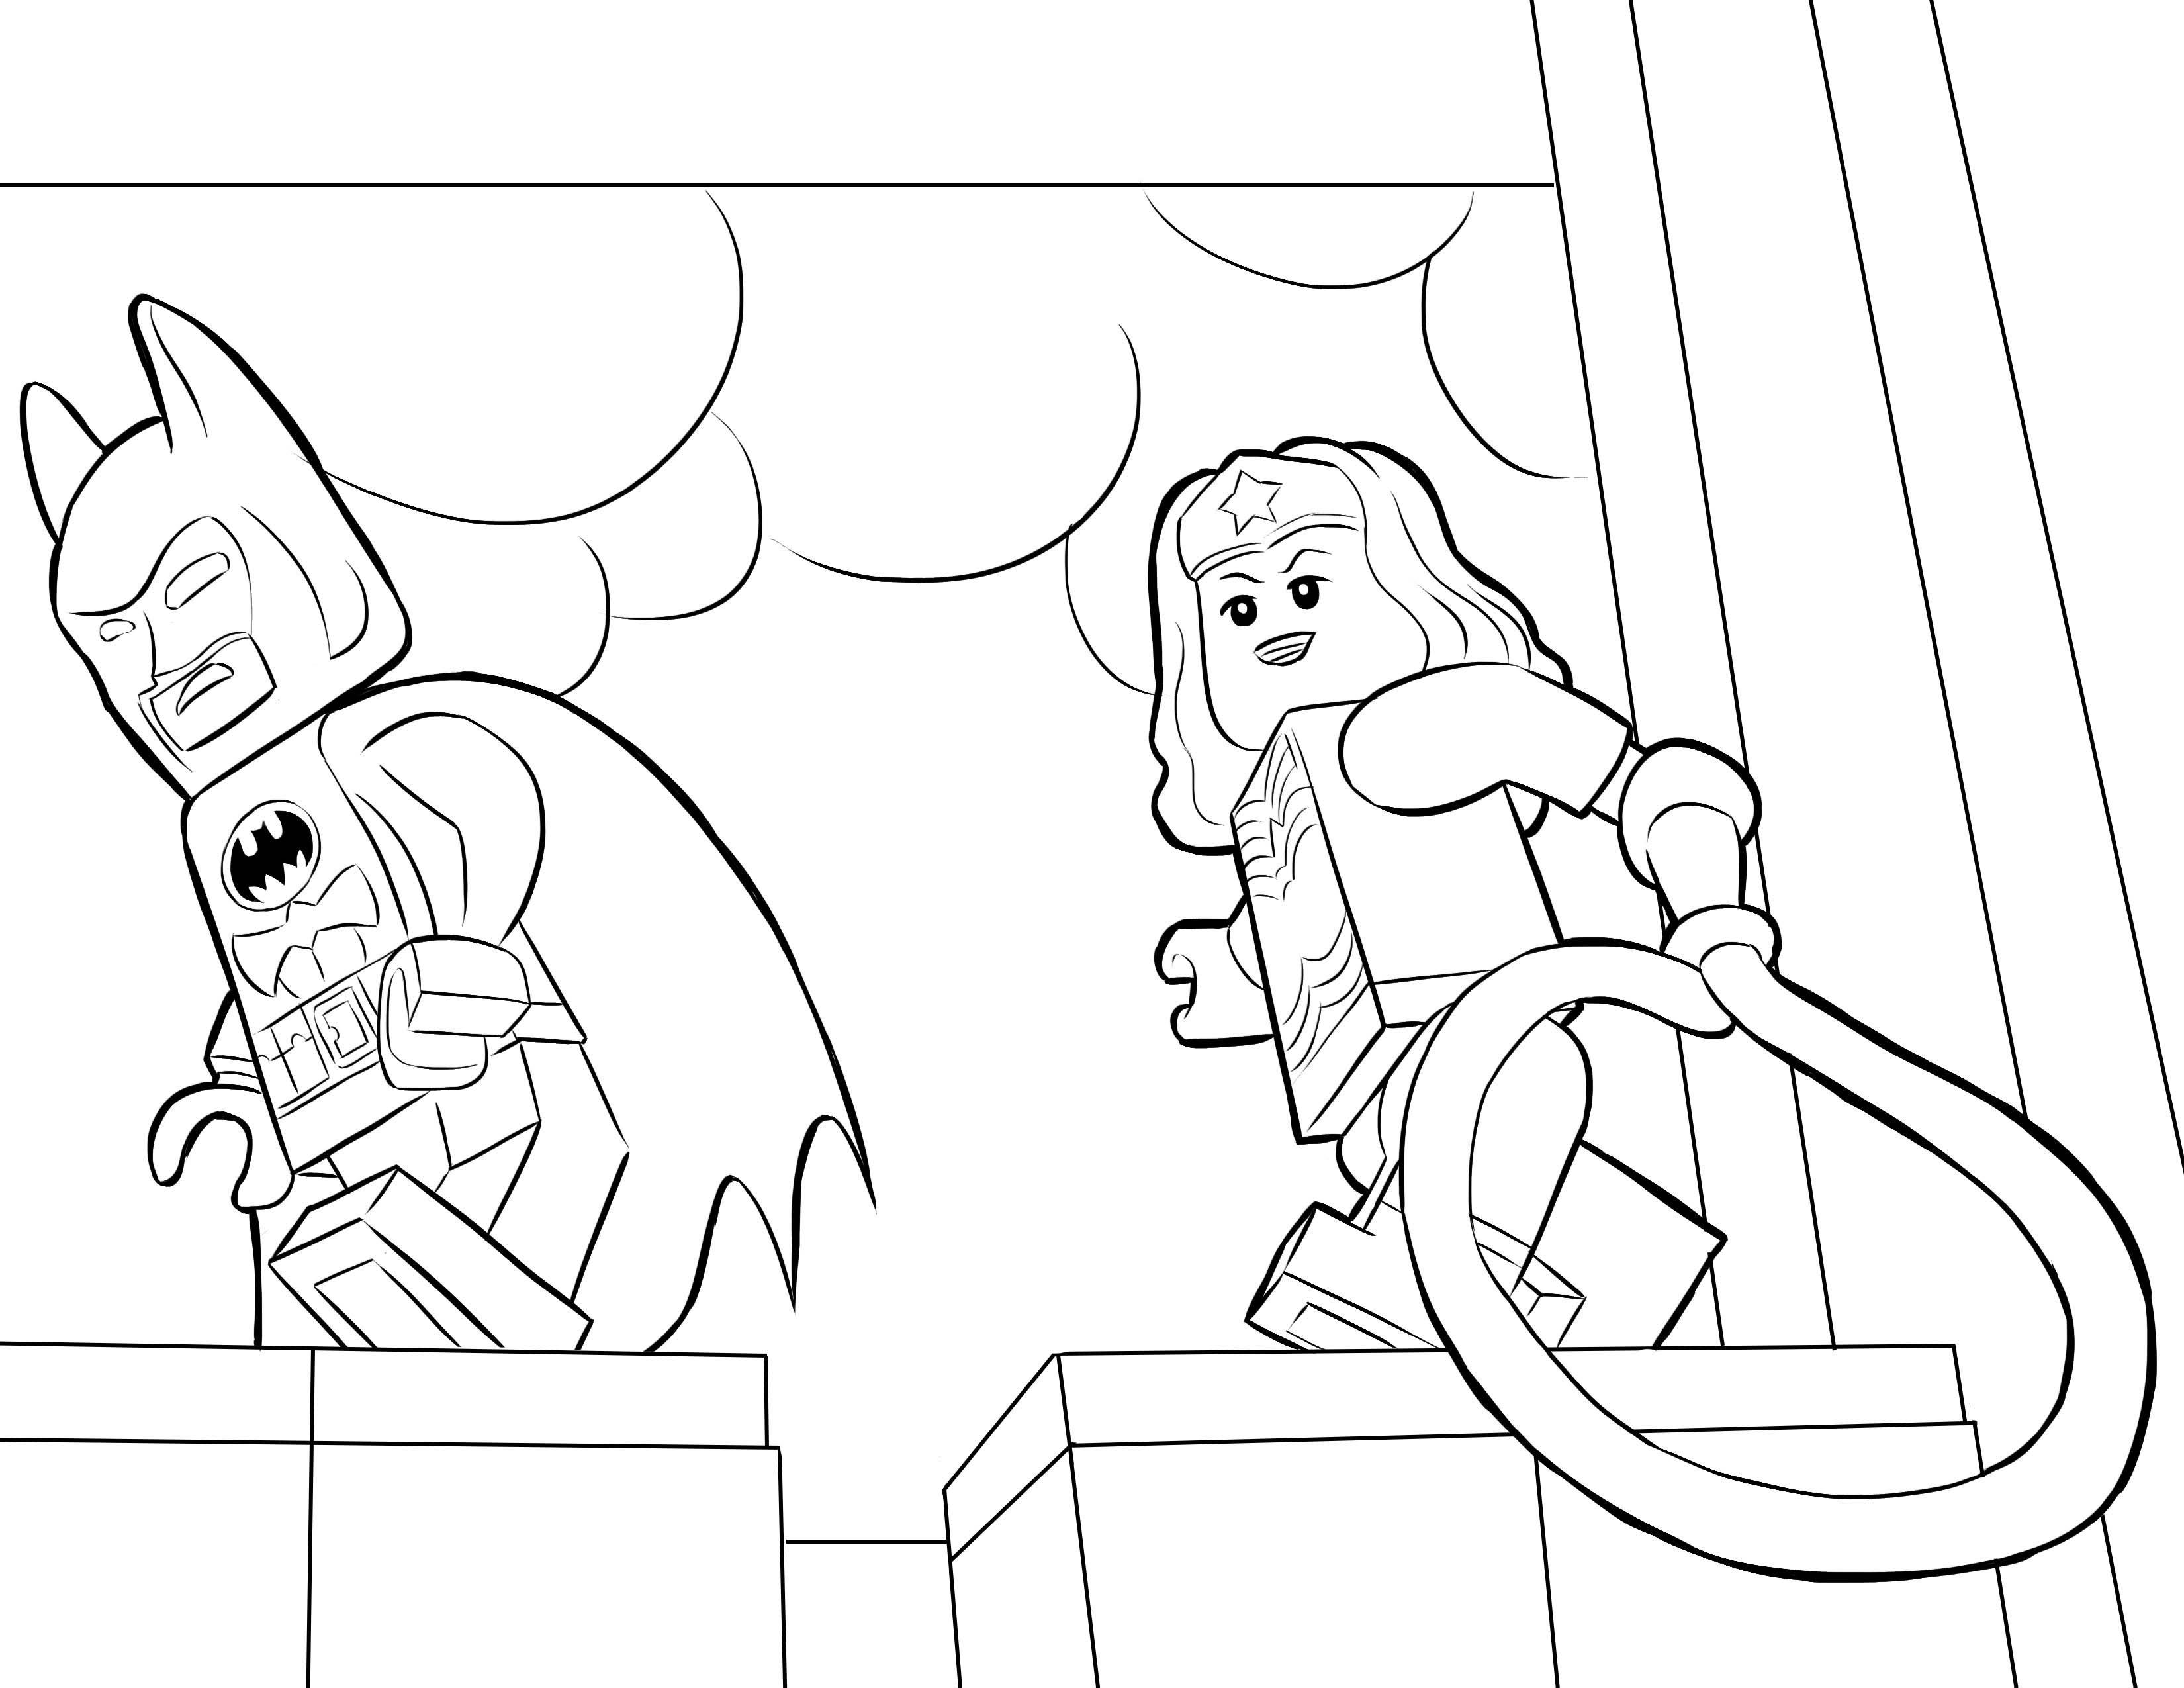 desenho de batman e mulher maravilha lego para colorir tudodesenhos